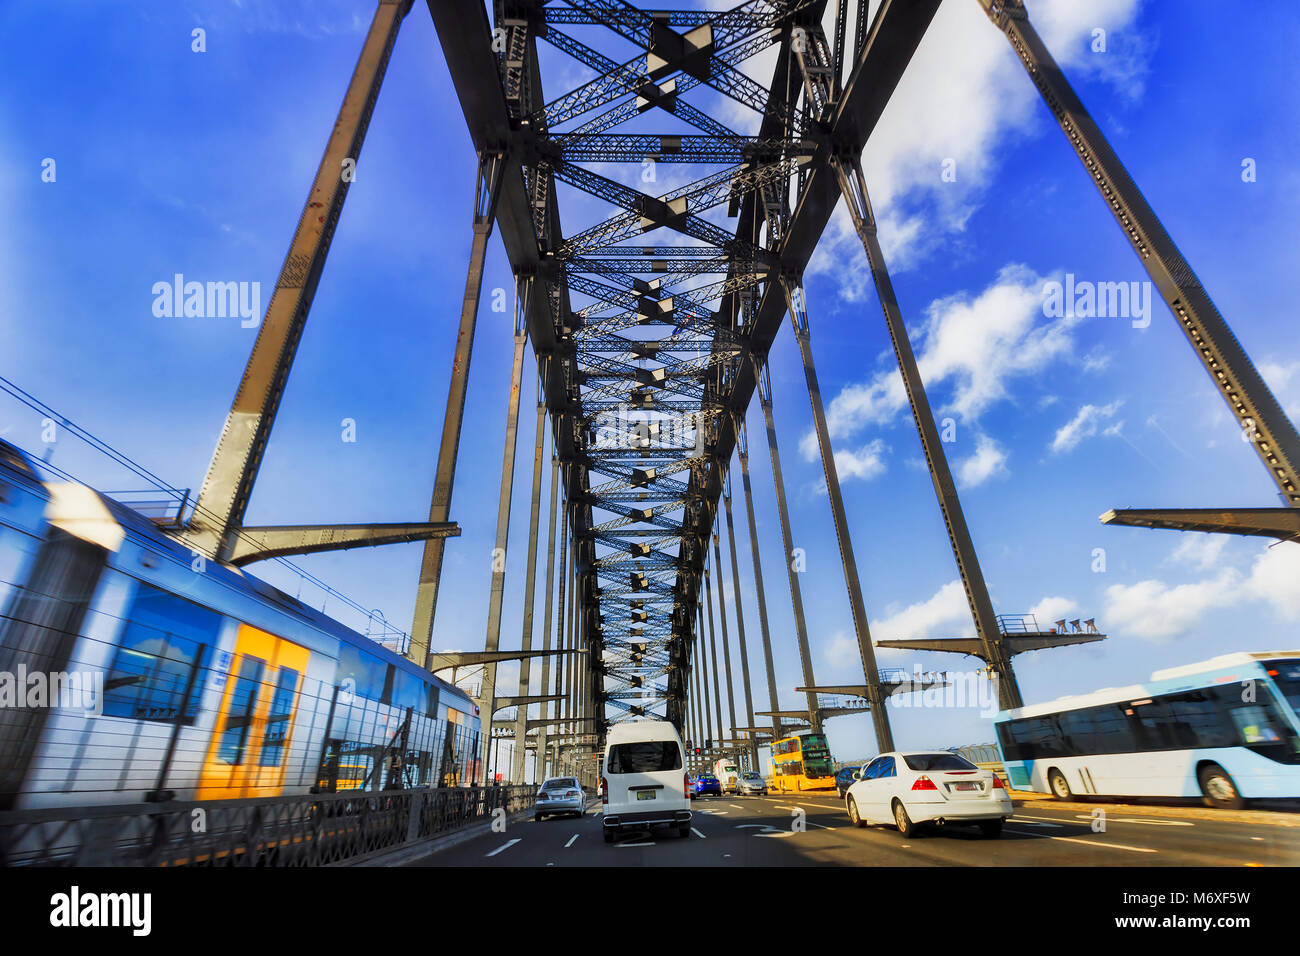 Transporte público y automóviles particulares durante las horas punta de tráfico intenso conducir Imagen De Stock